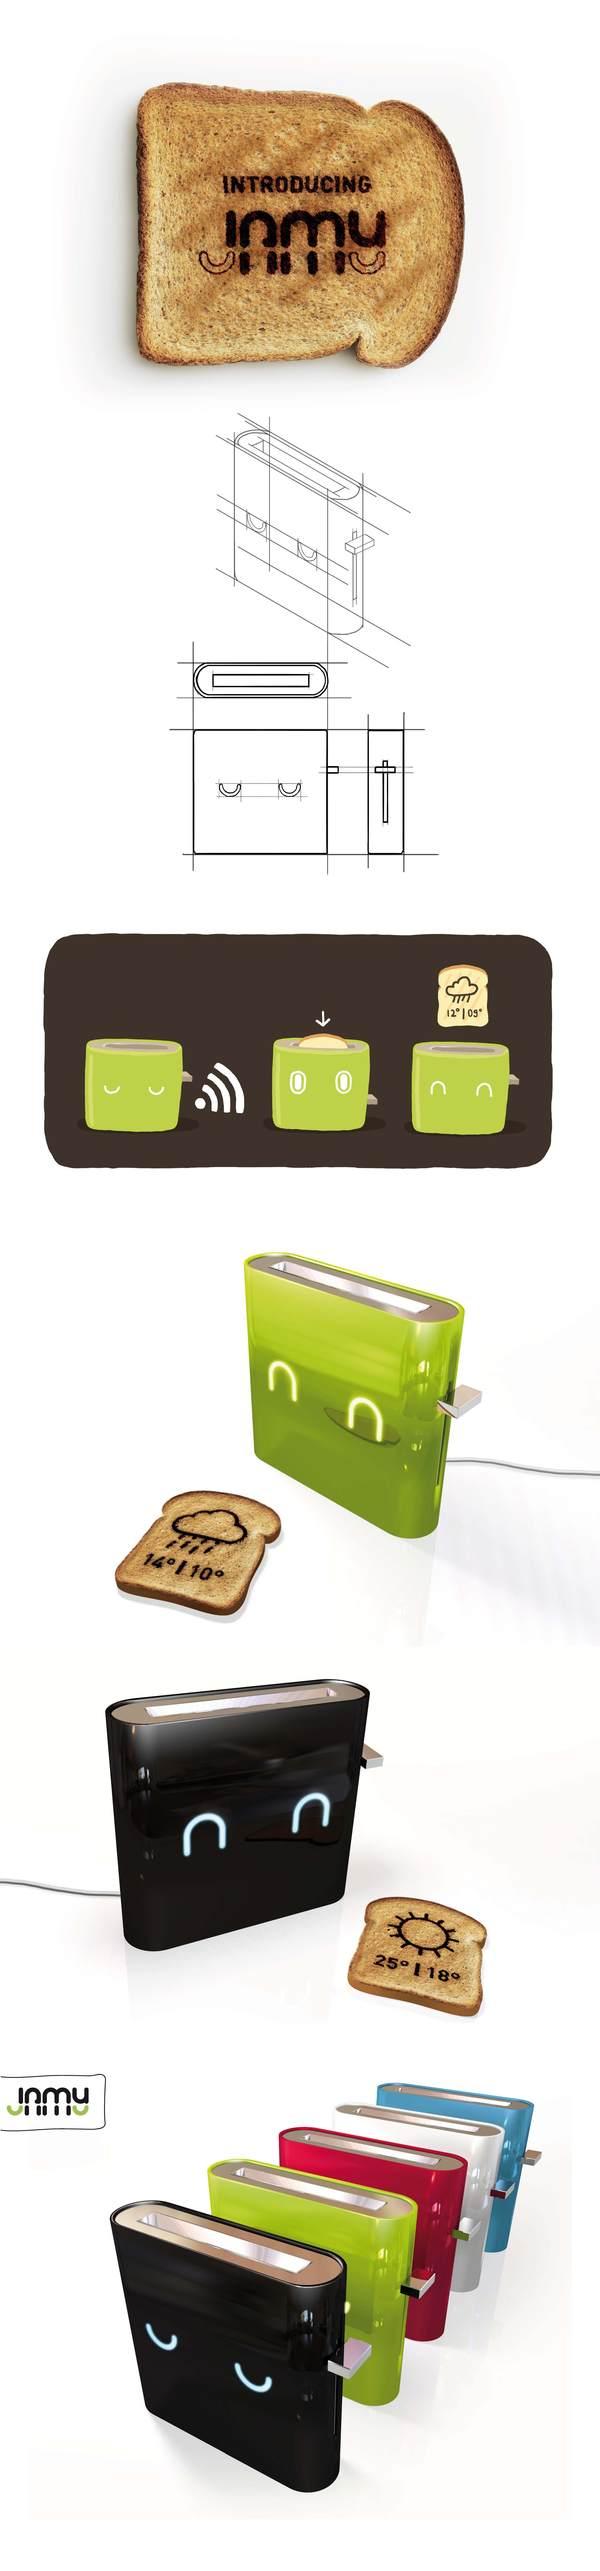 Jamy-Samrt toaster